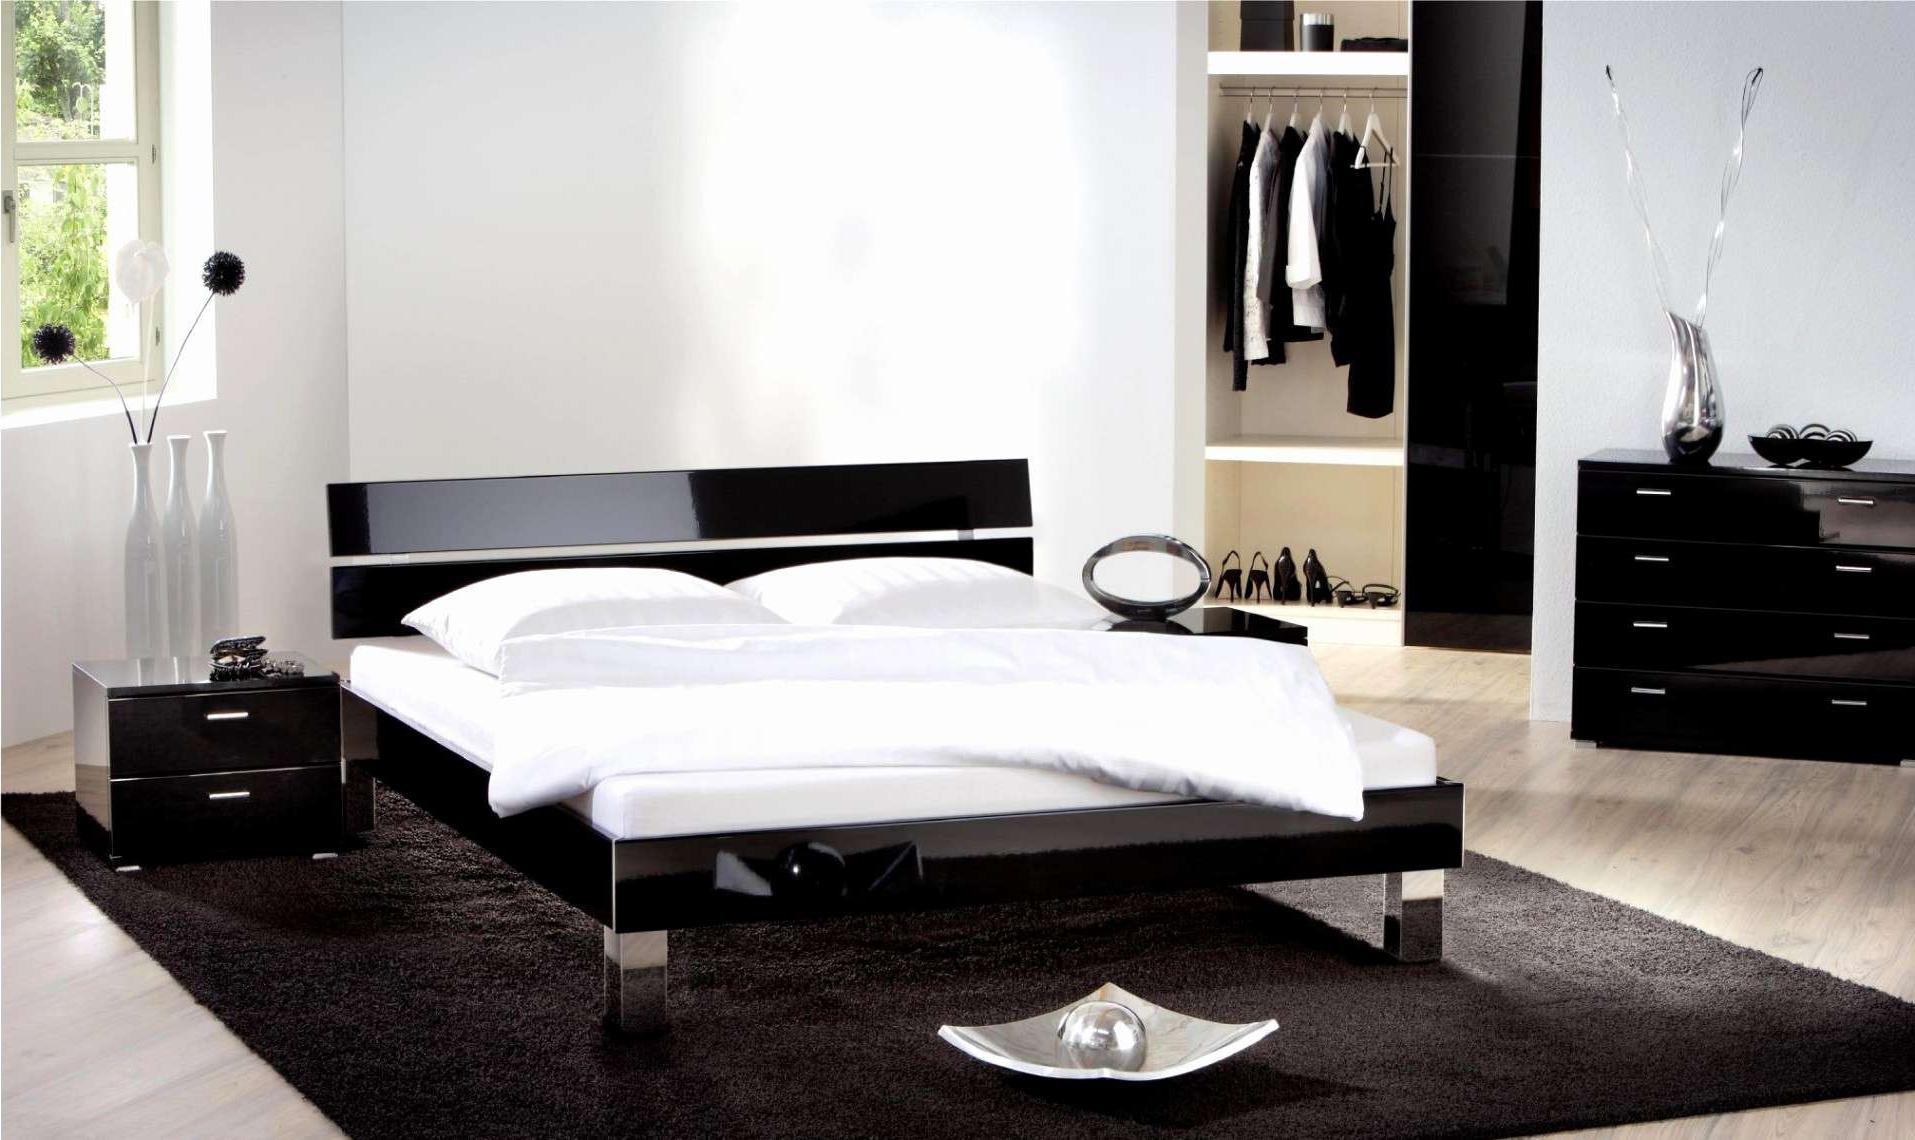 wdl ikea planer inspirational deko ideen schlafzimmer ikea von kleiderschrank landhausstil ikea of kleiderschrank landhausstil ikea